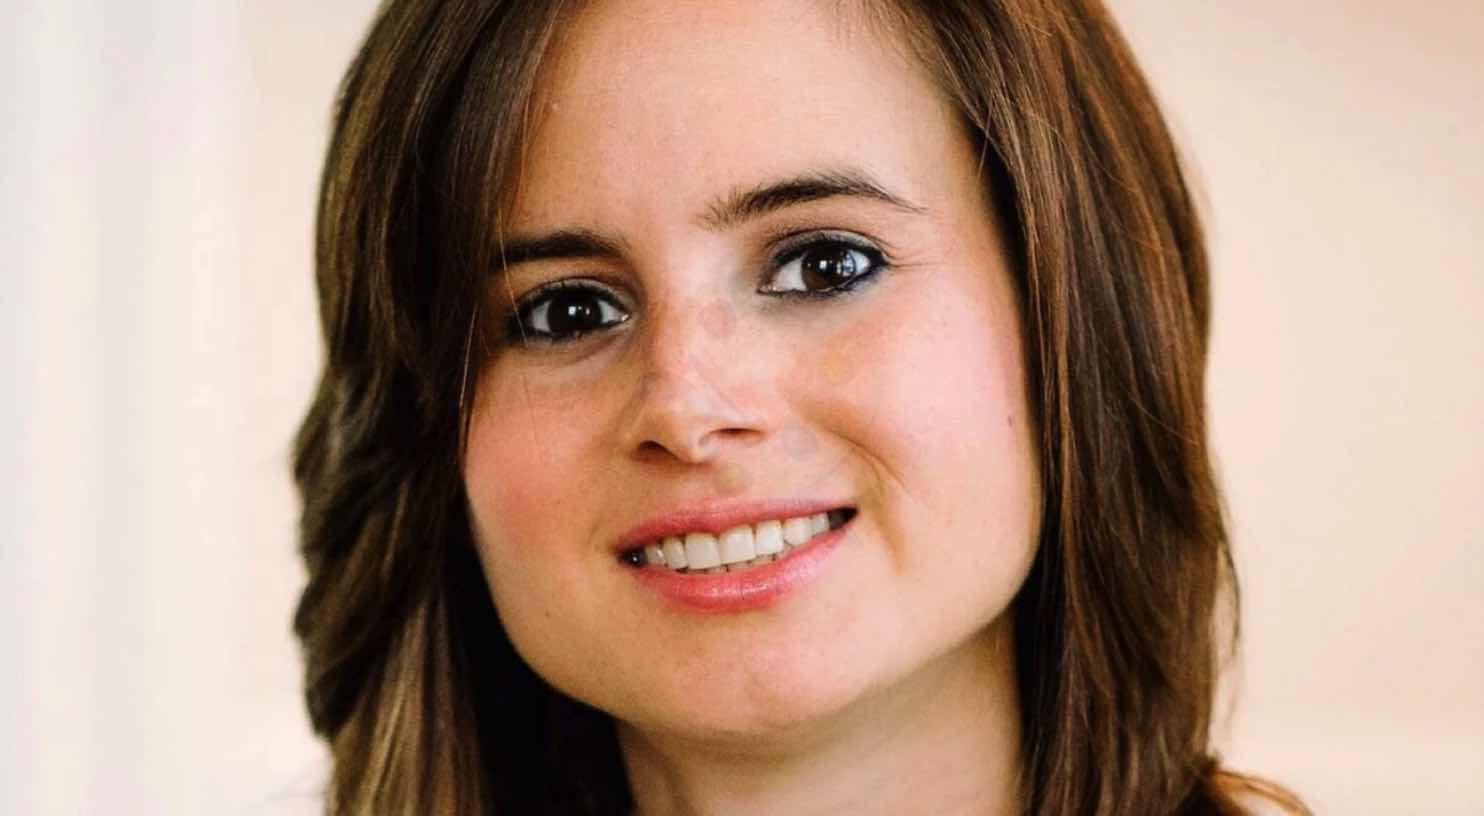 Социолог из Tinder и Bumble о том, что делает людей привлекательными